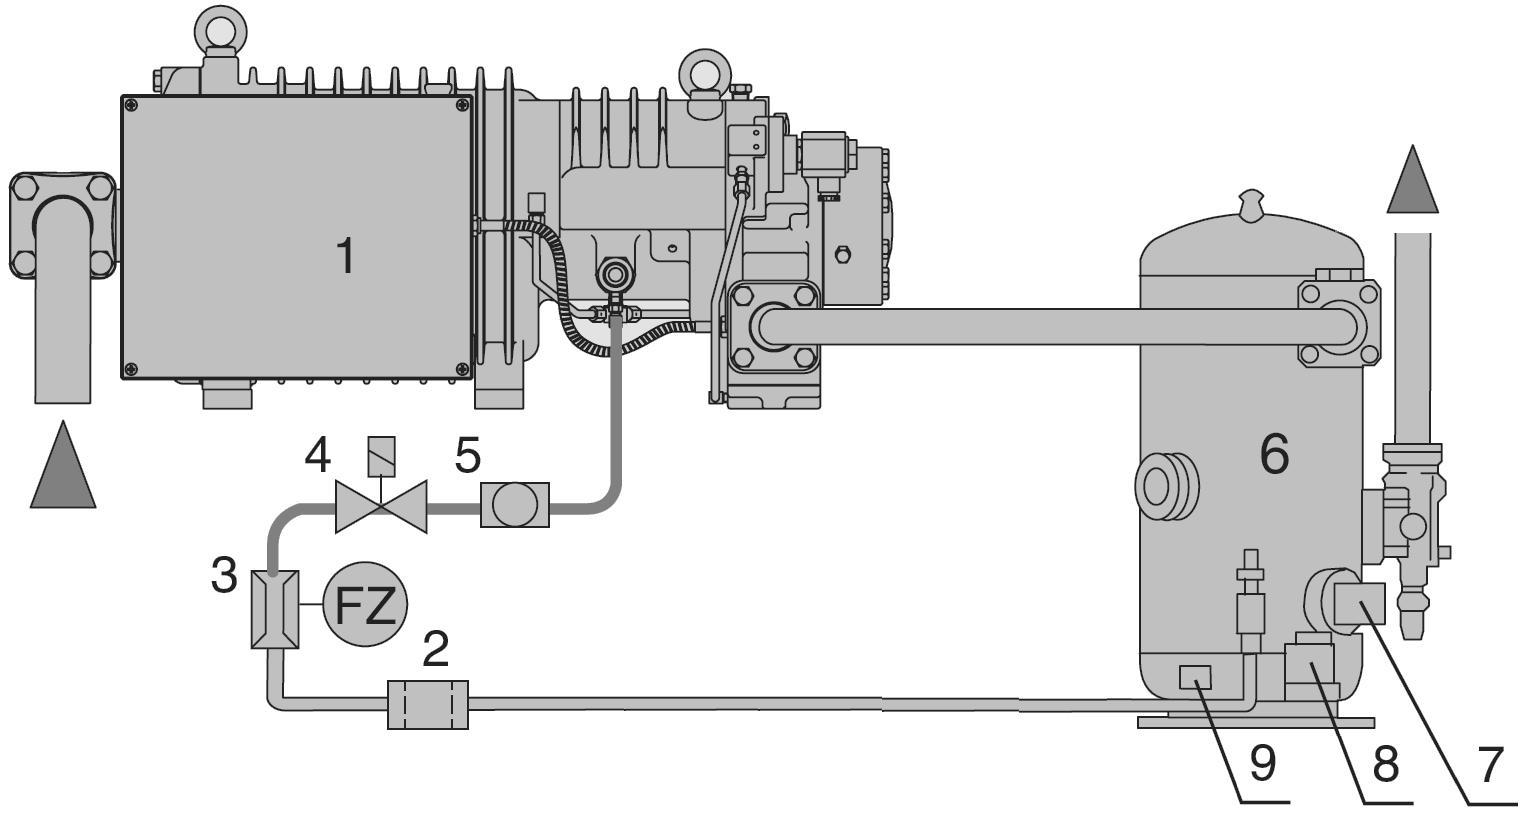 ts-bitzer-hsk7471-70-40p-shema-printsipialnaya-obvyazki-kompressora-vintovogo-i-maslootdelitelya